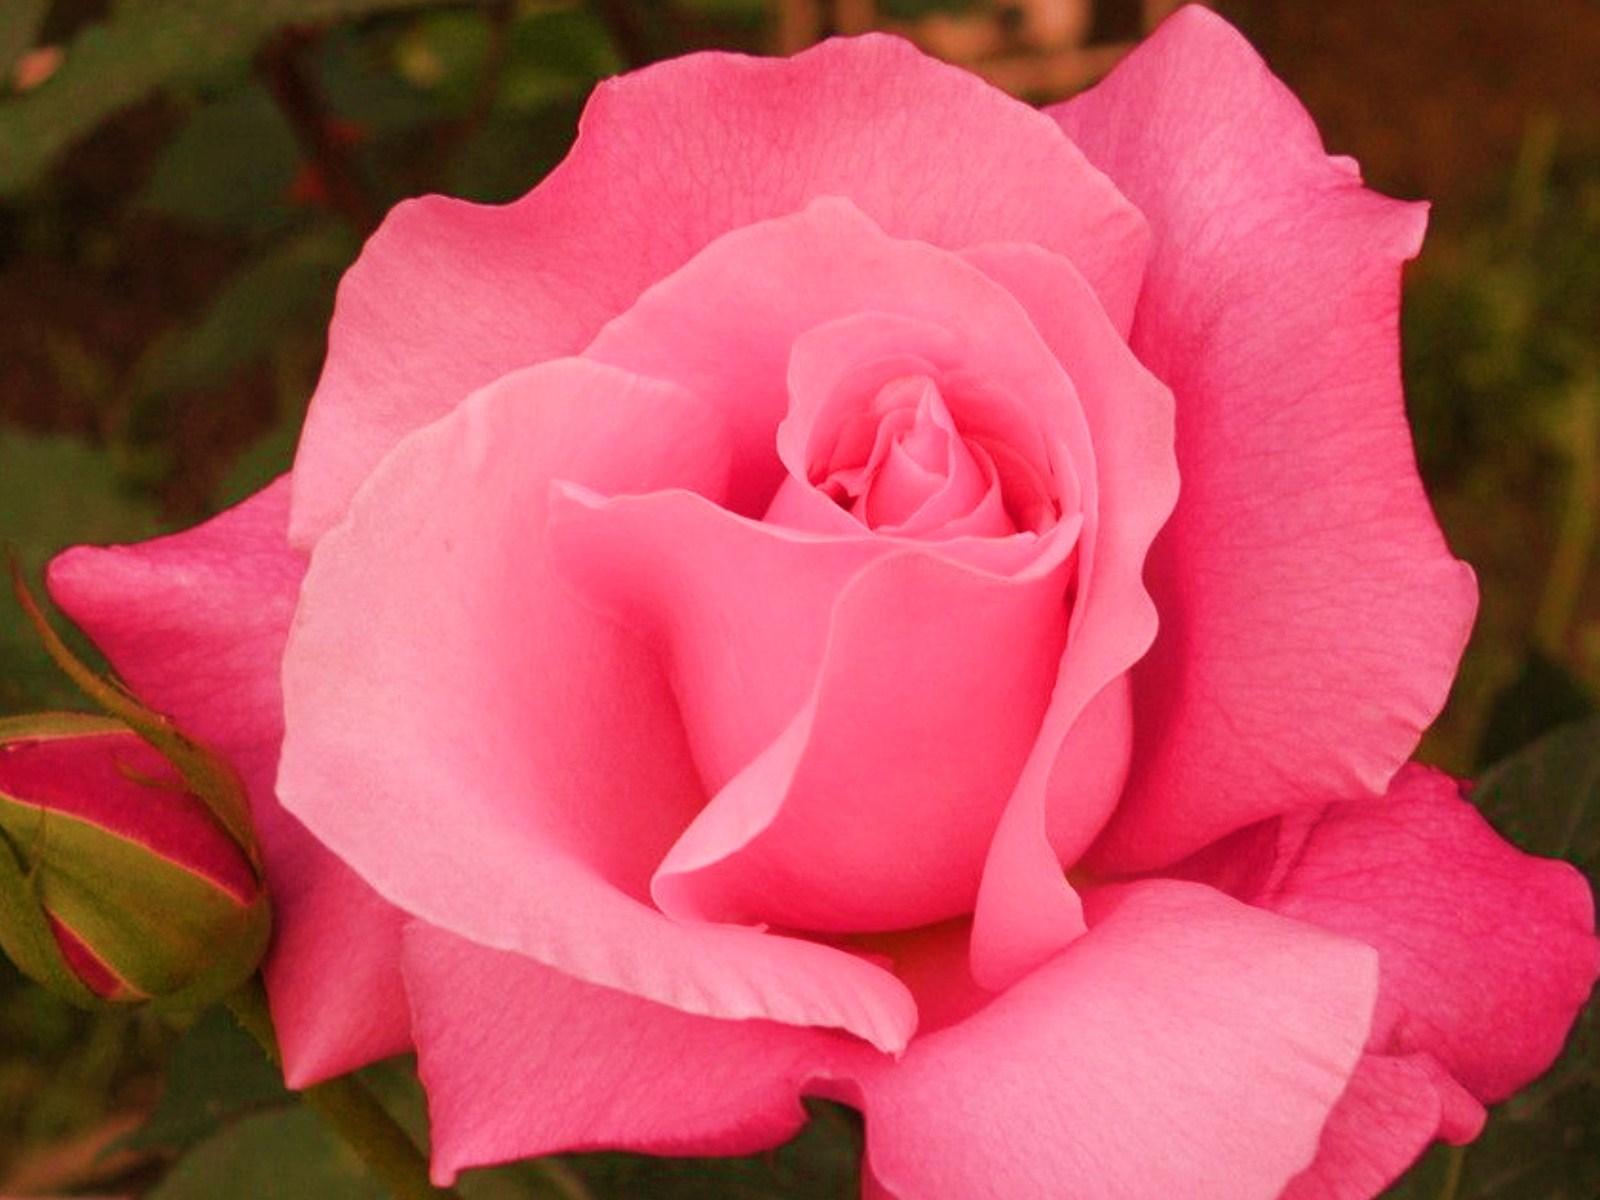 игры картинки розы